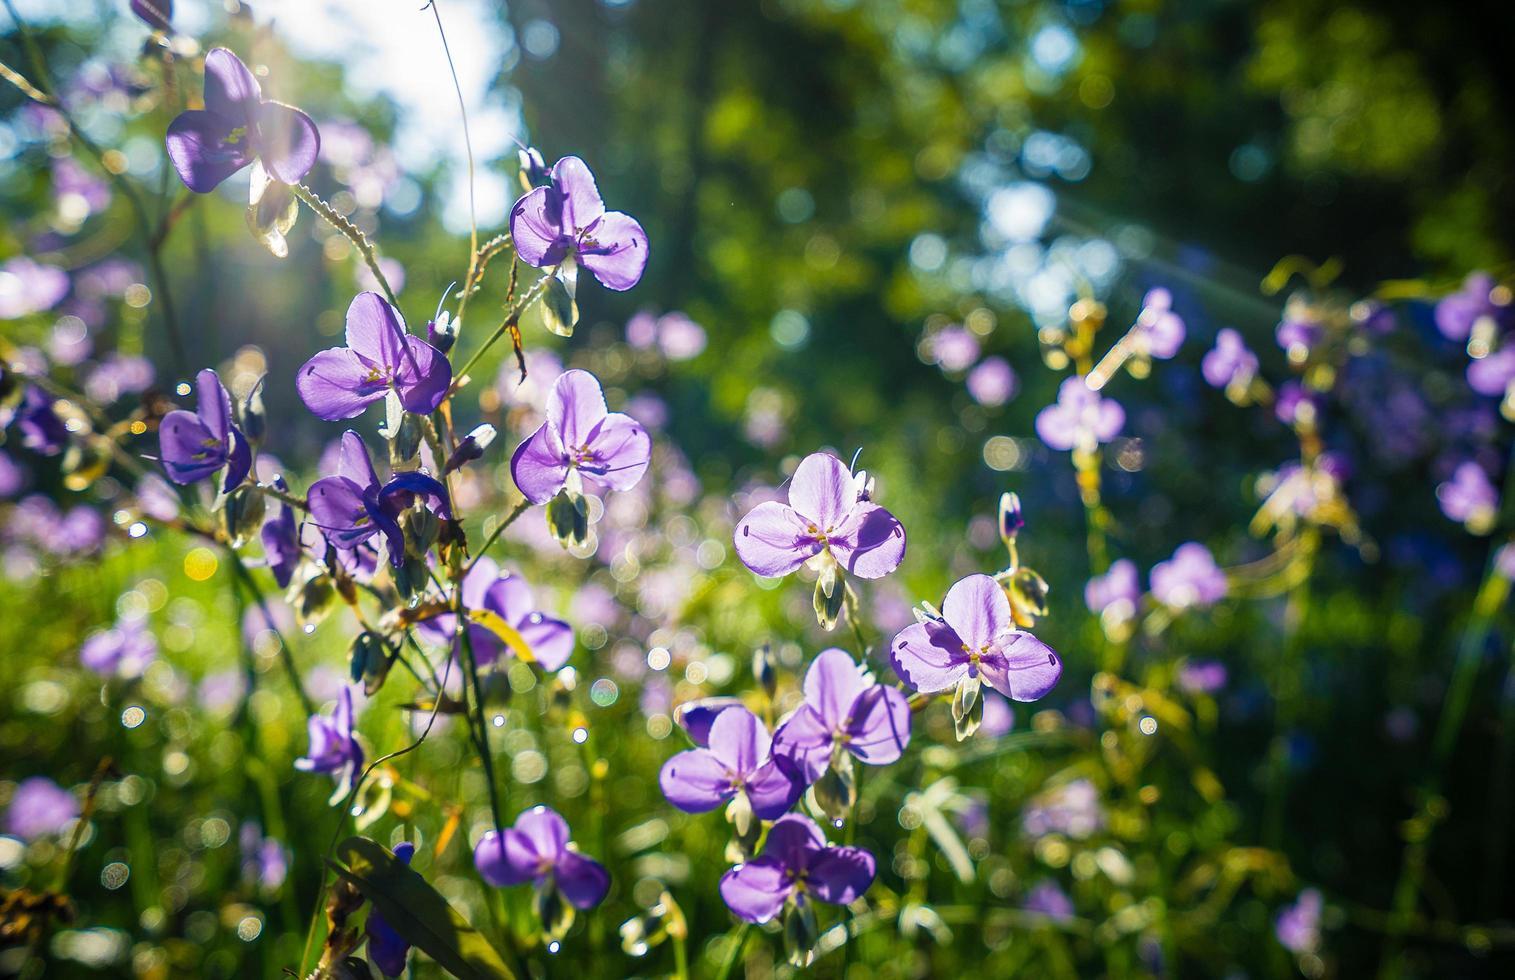 kuifslangbloemen in de tuin foto